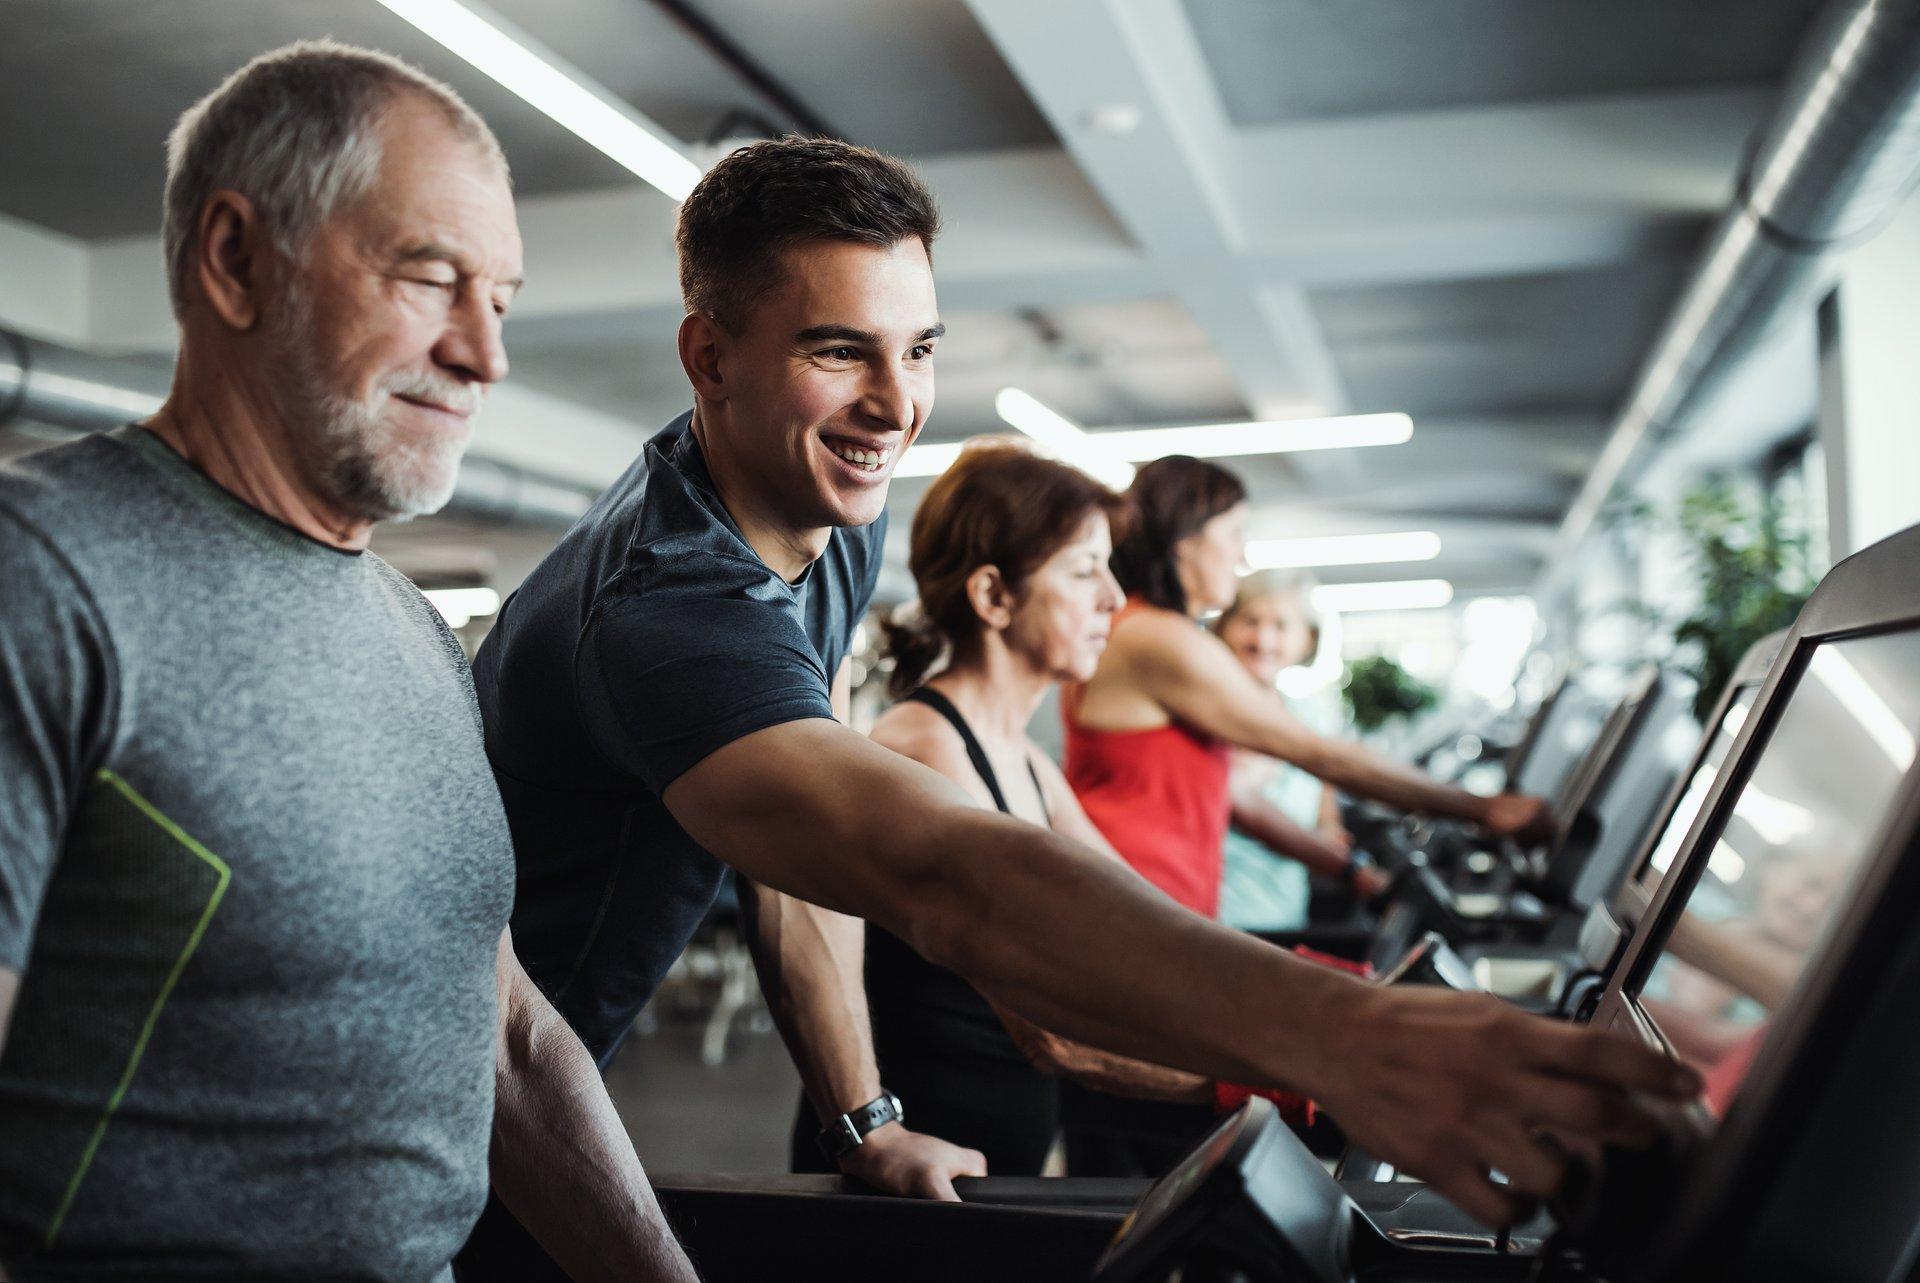 Badanie: Stres może zwiększać ryzyko nadciśnienia tętniczego i chorób układu krążenia